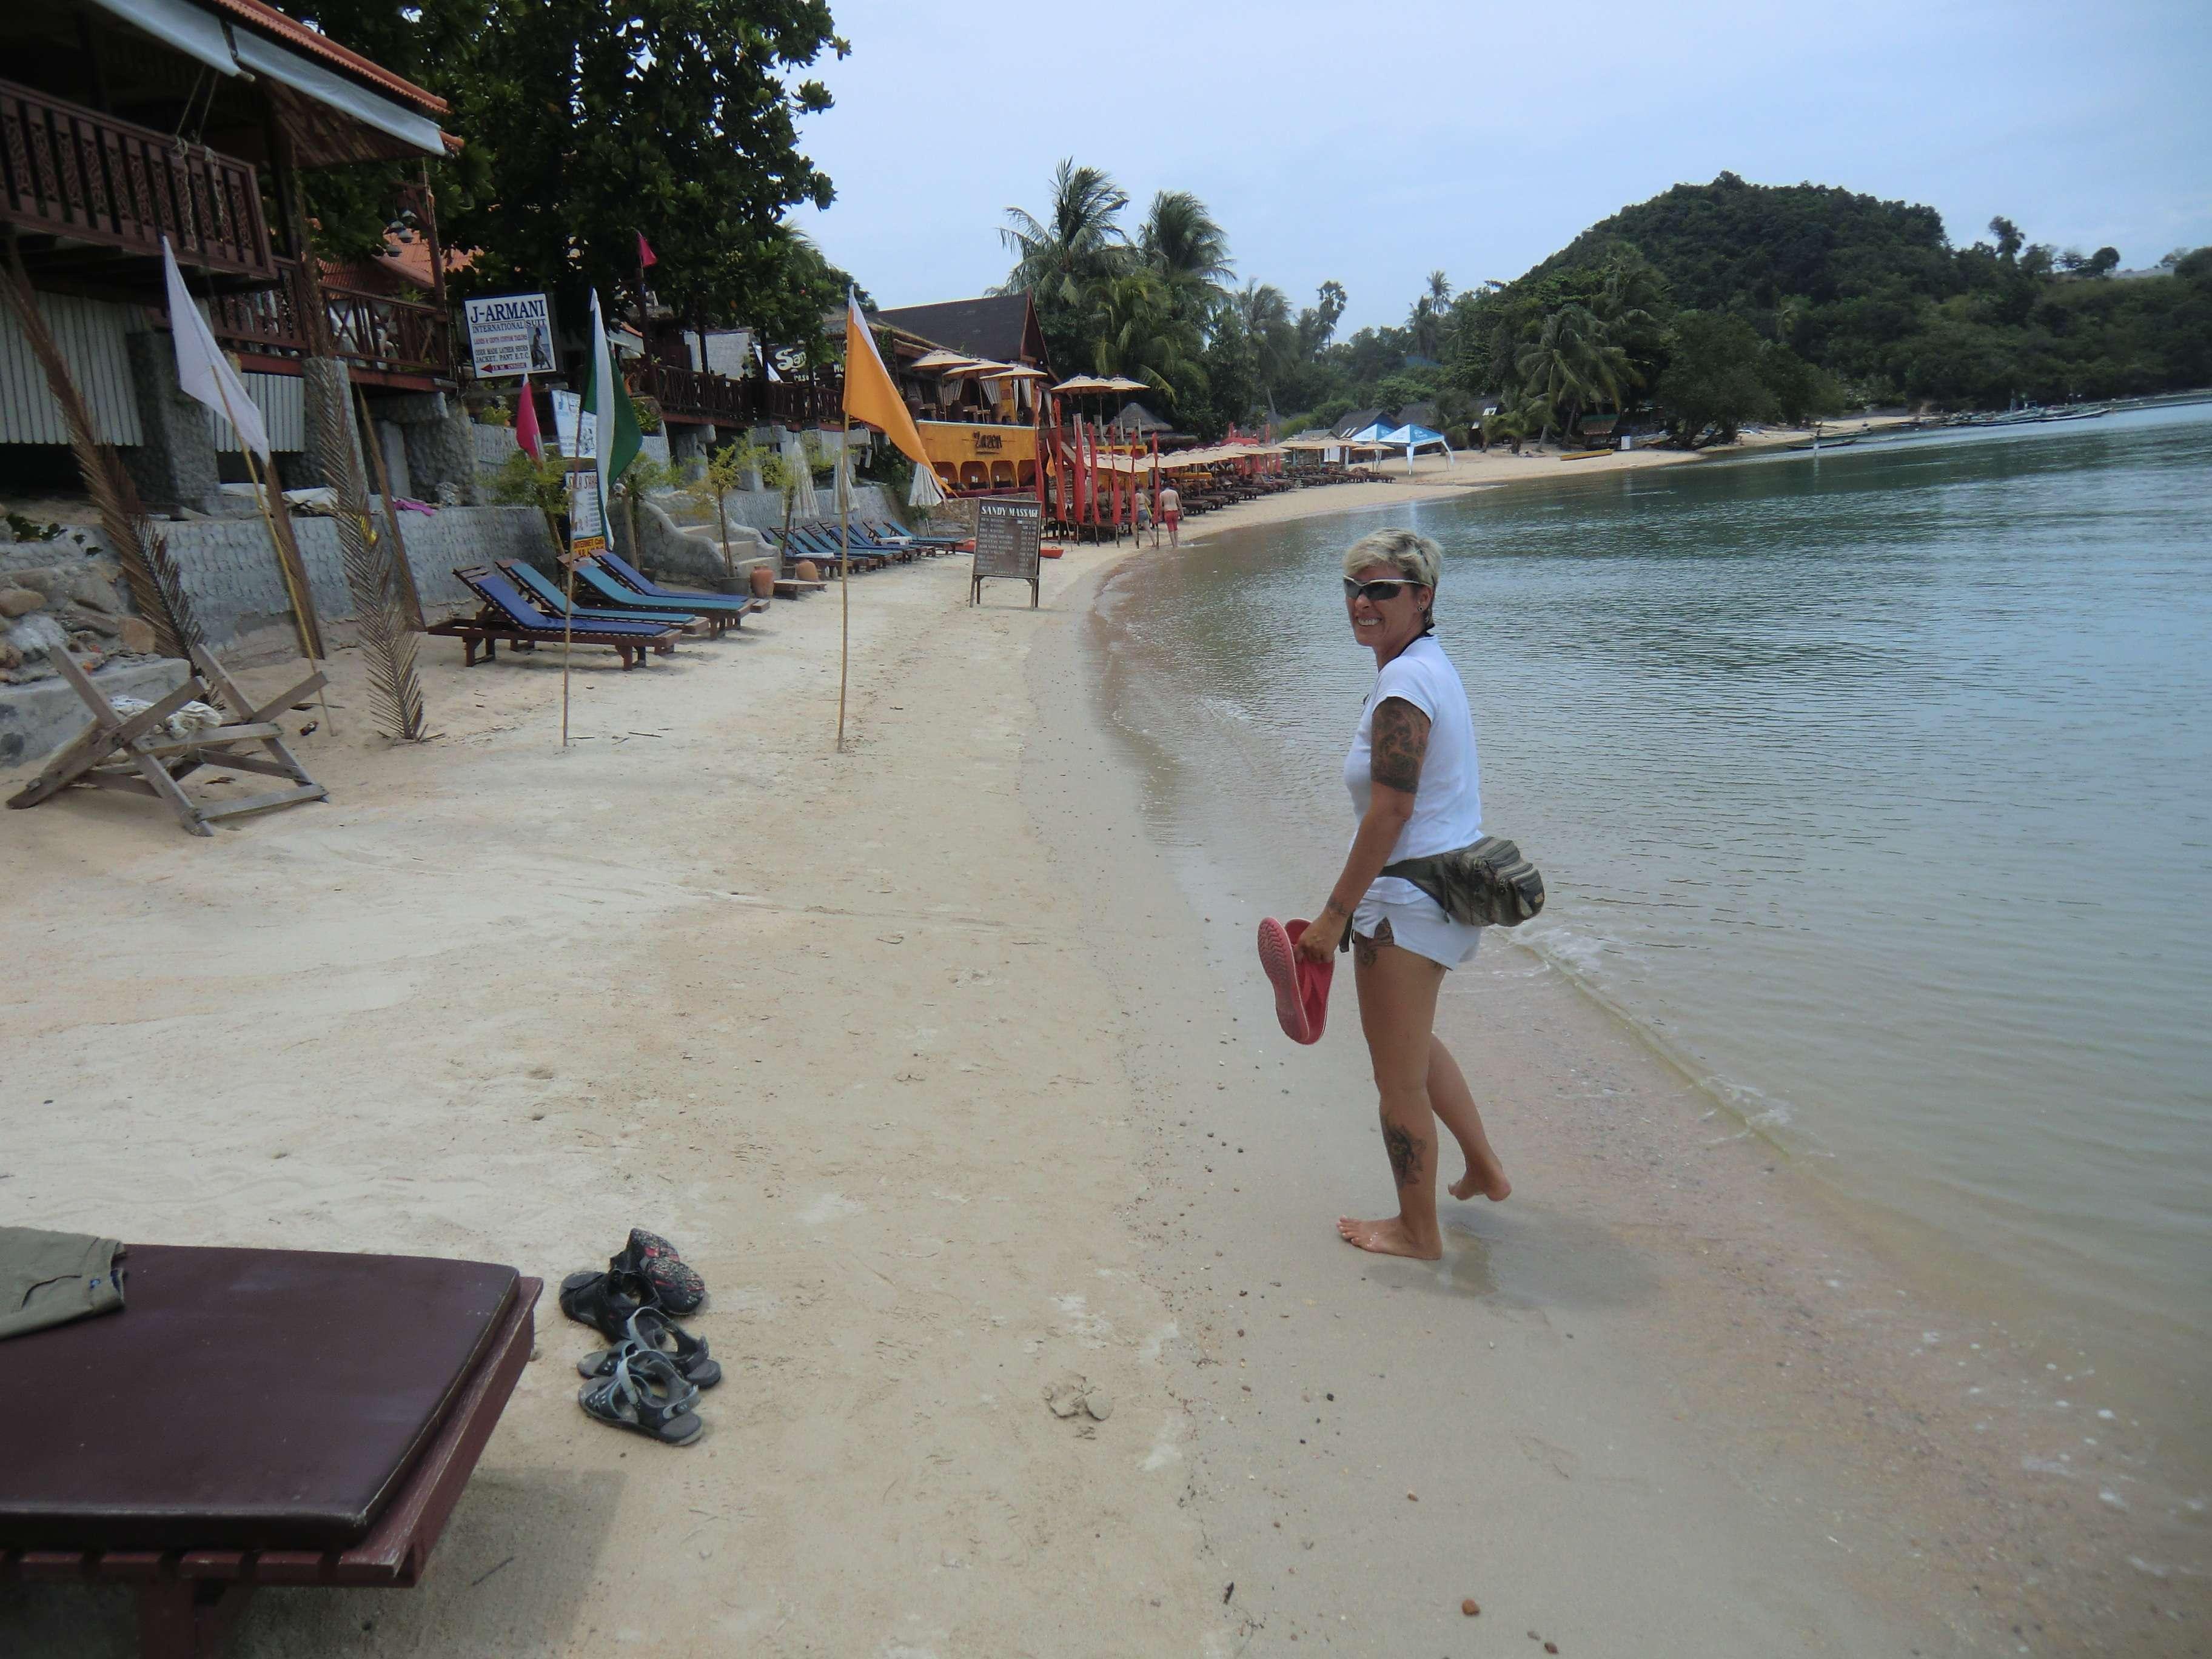 immer schön vorsichtig, der Strand ist hier nicht wirklich breit !!!